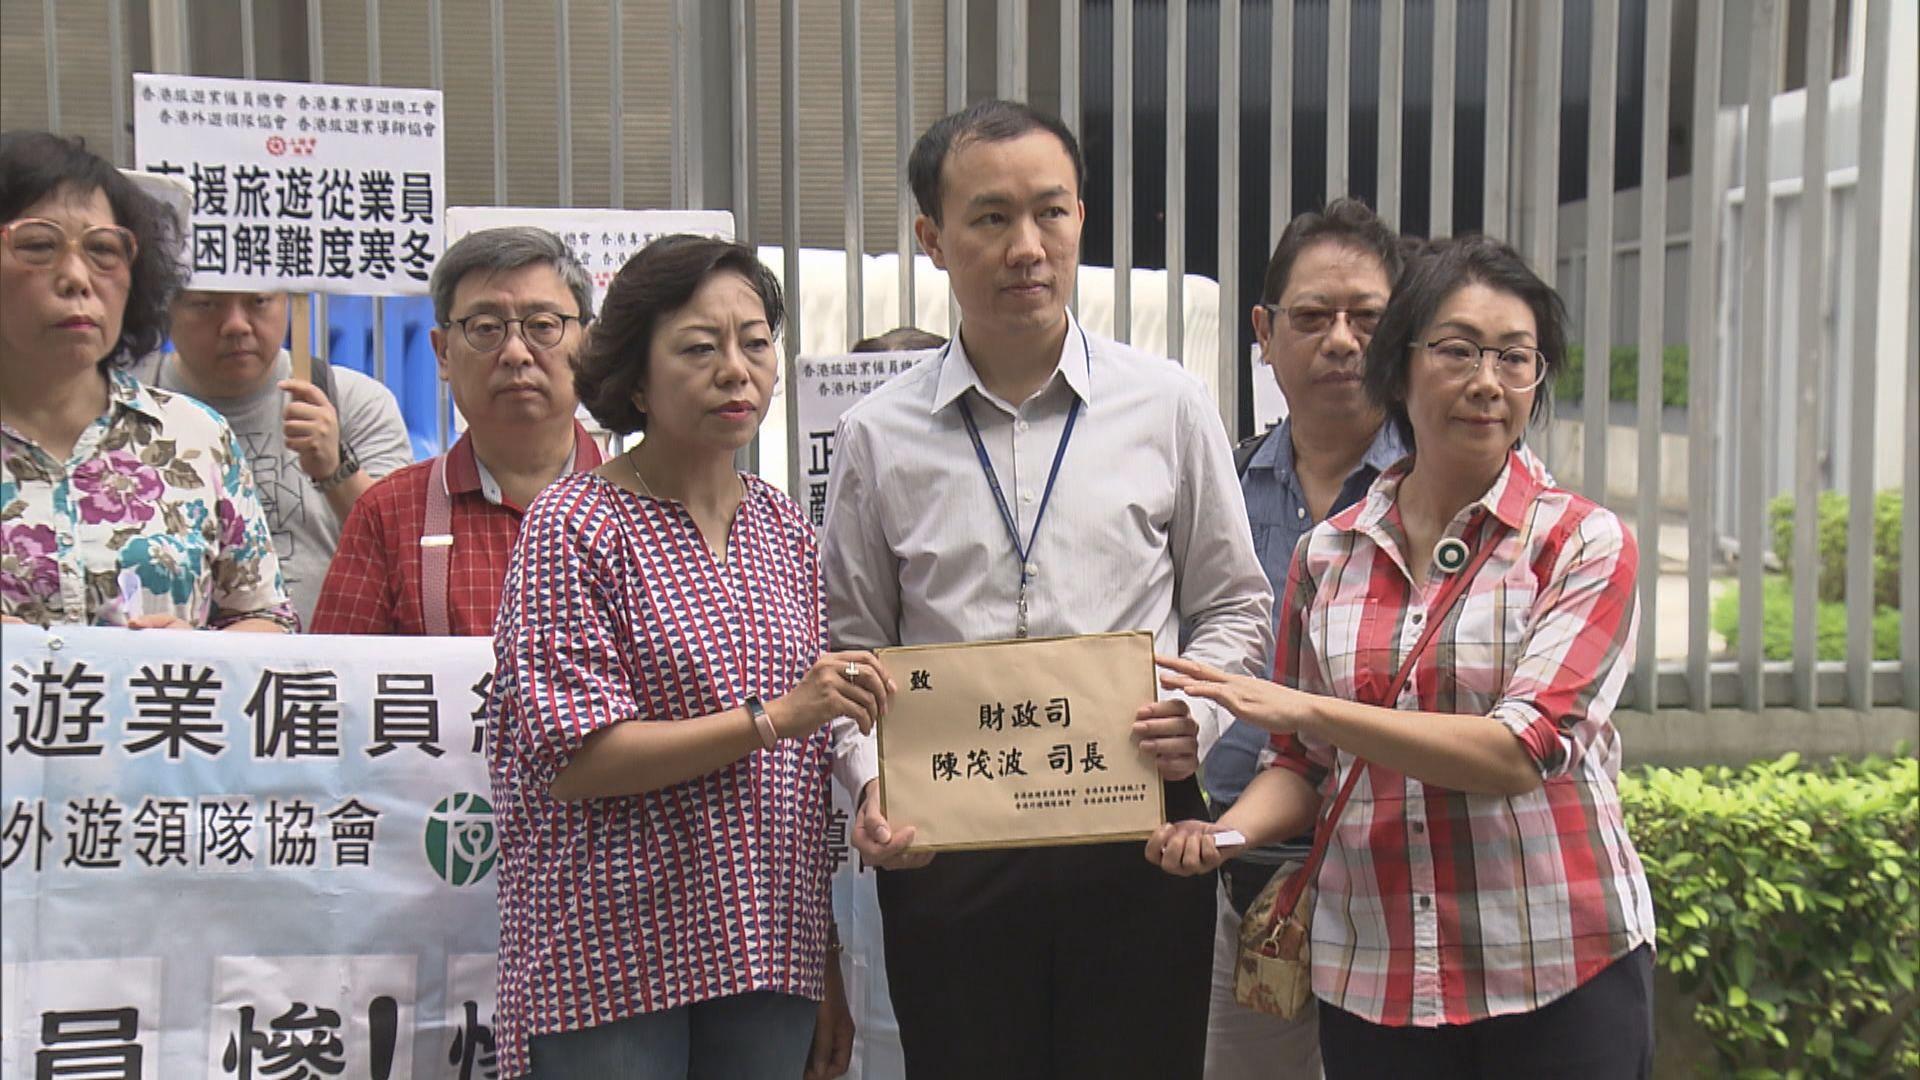 旅遊業團體請願要求政府以法制暴